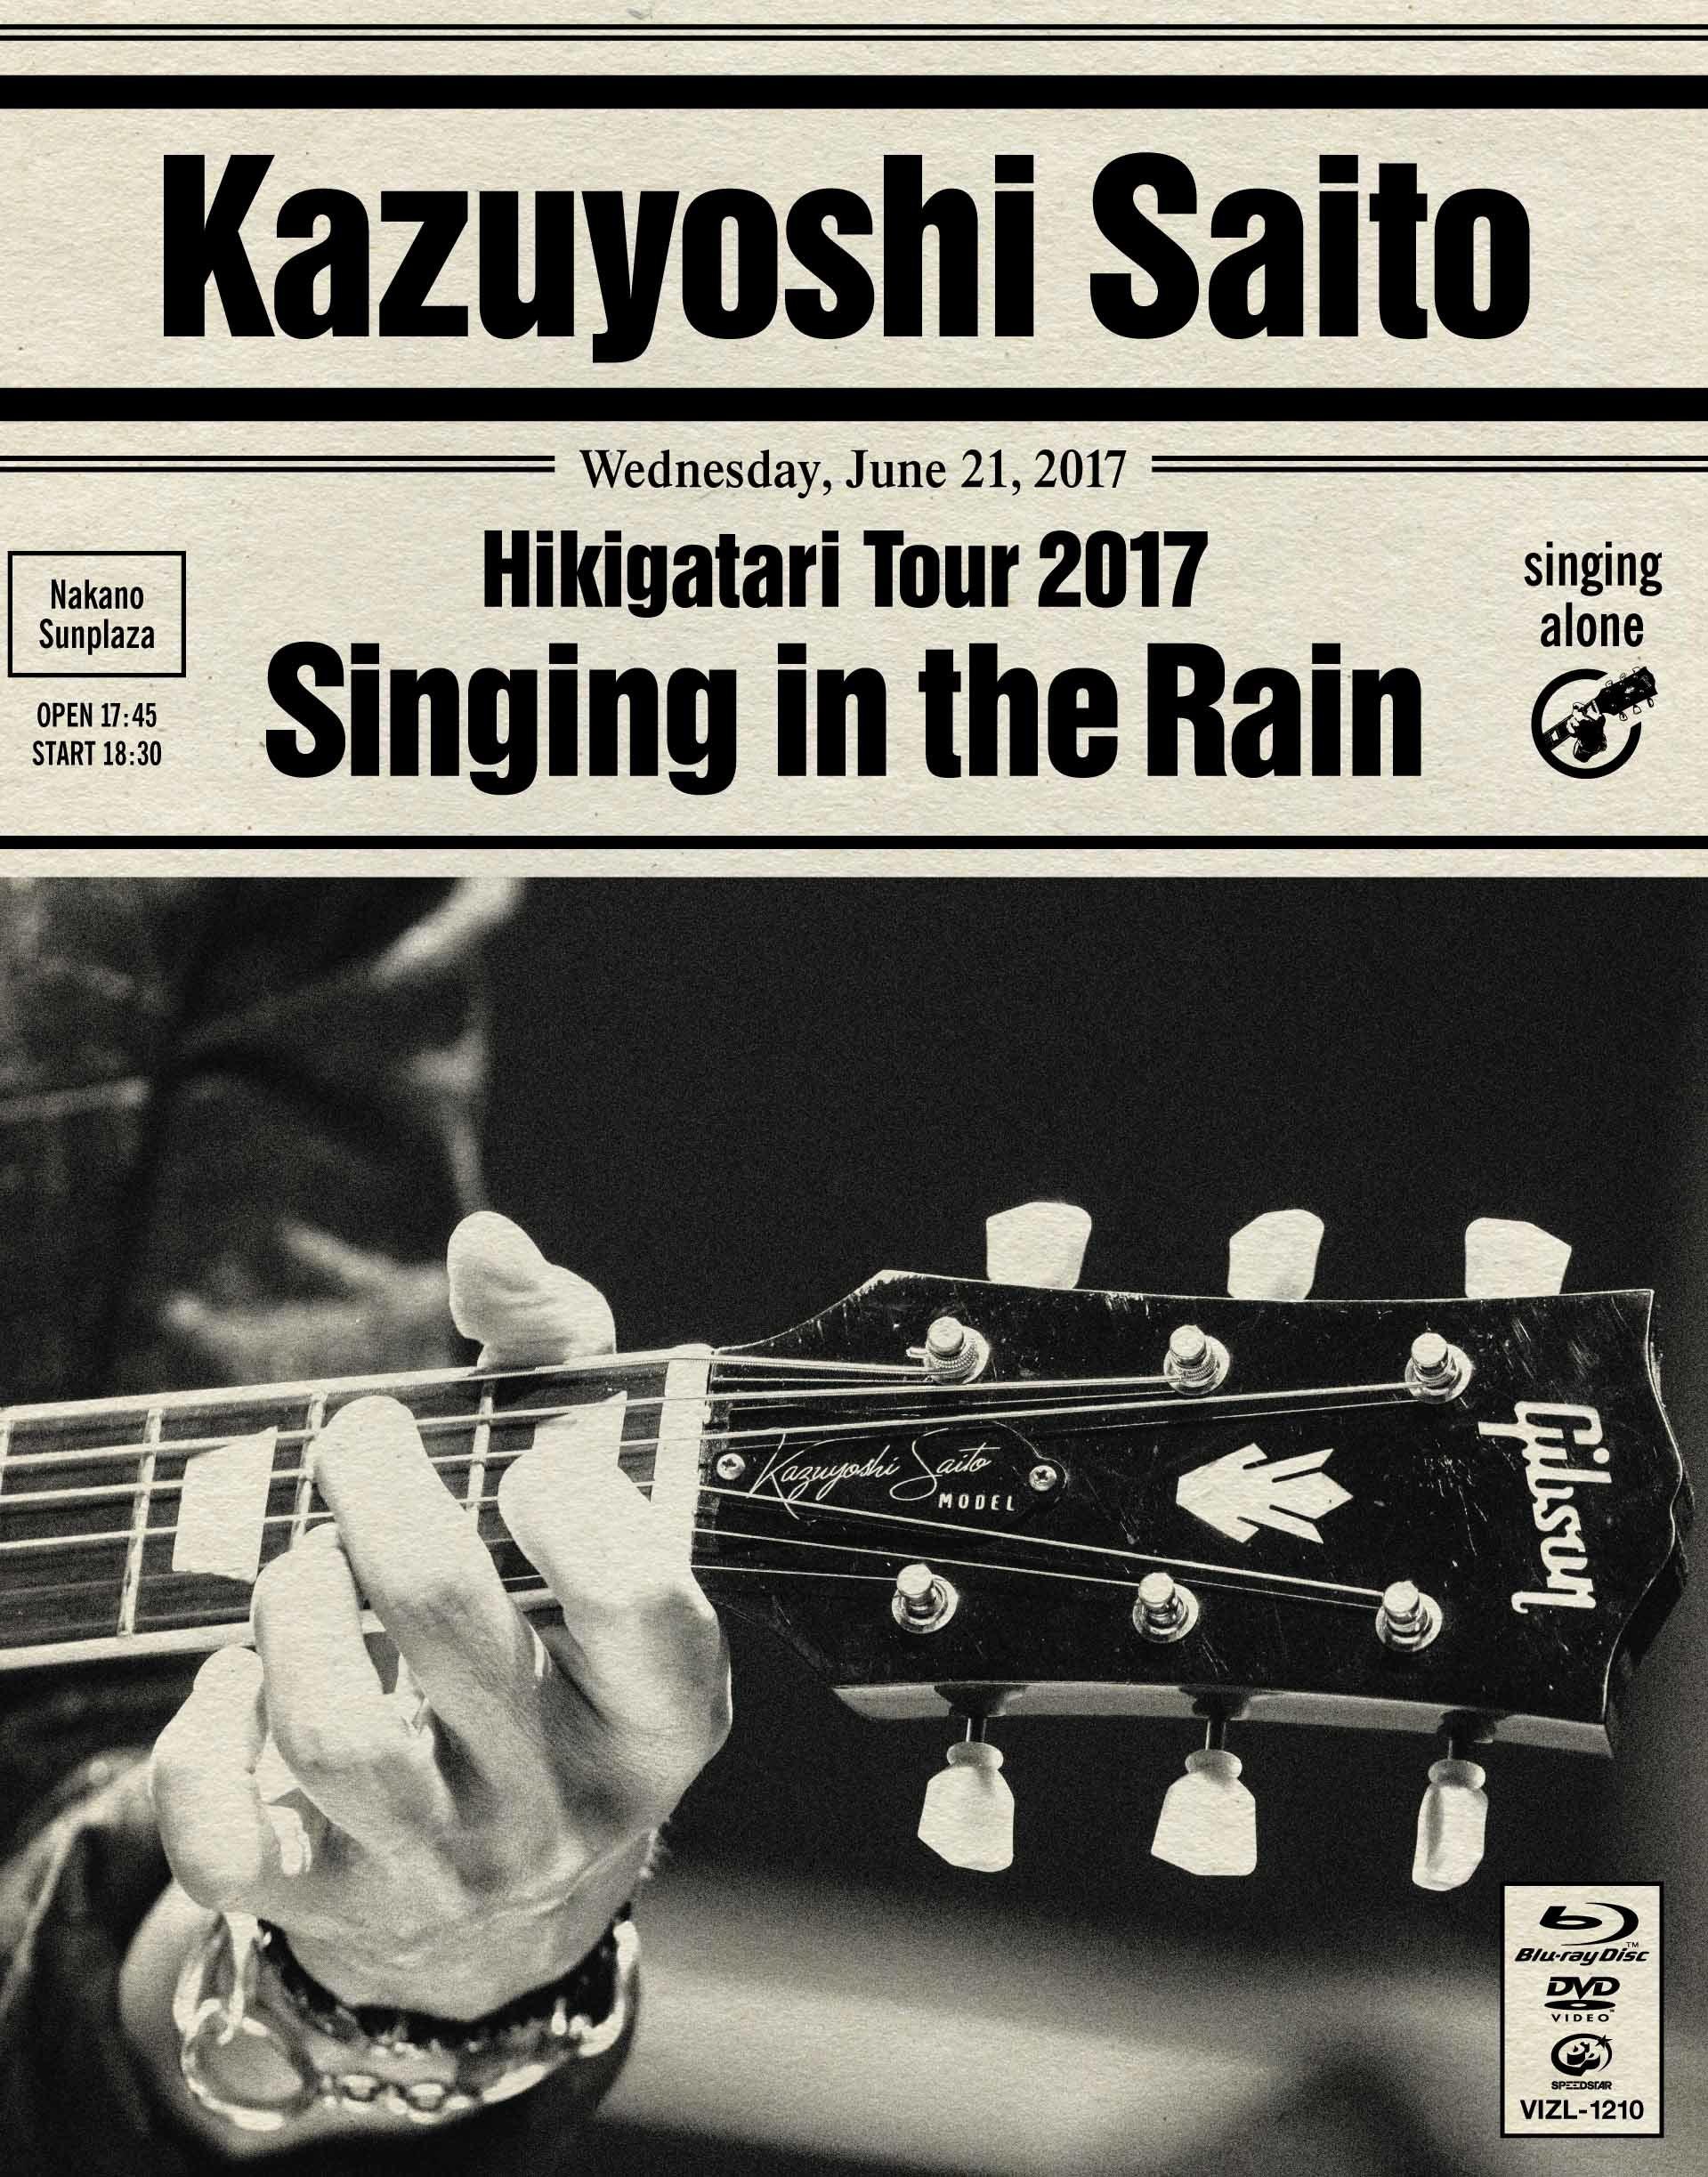 """『斉藤和義 弾き語りツアー 2017 """"雨に歌えば"""" Live at 中野サンプラザ 2017.06.21』ブルーレイ"""